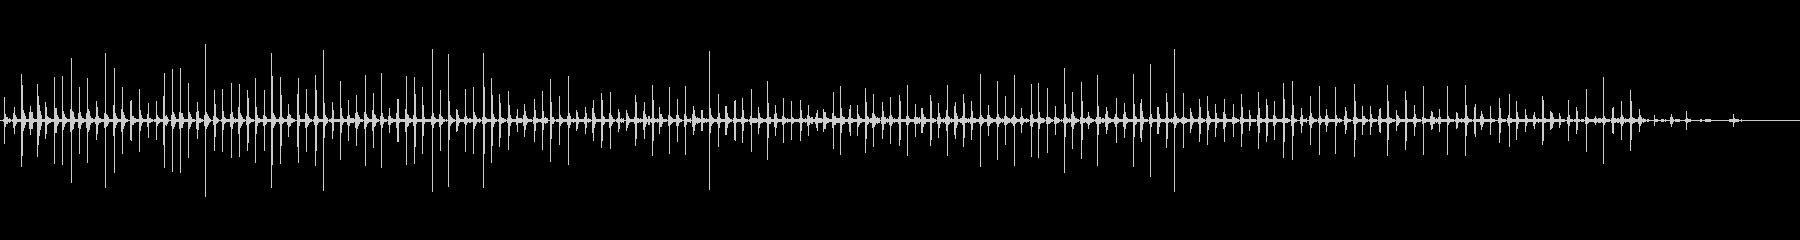 バイノーラル足音走るパンプス女性後の未再生の波形